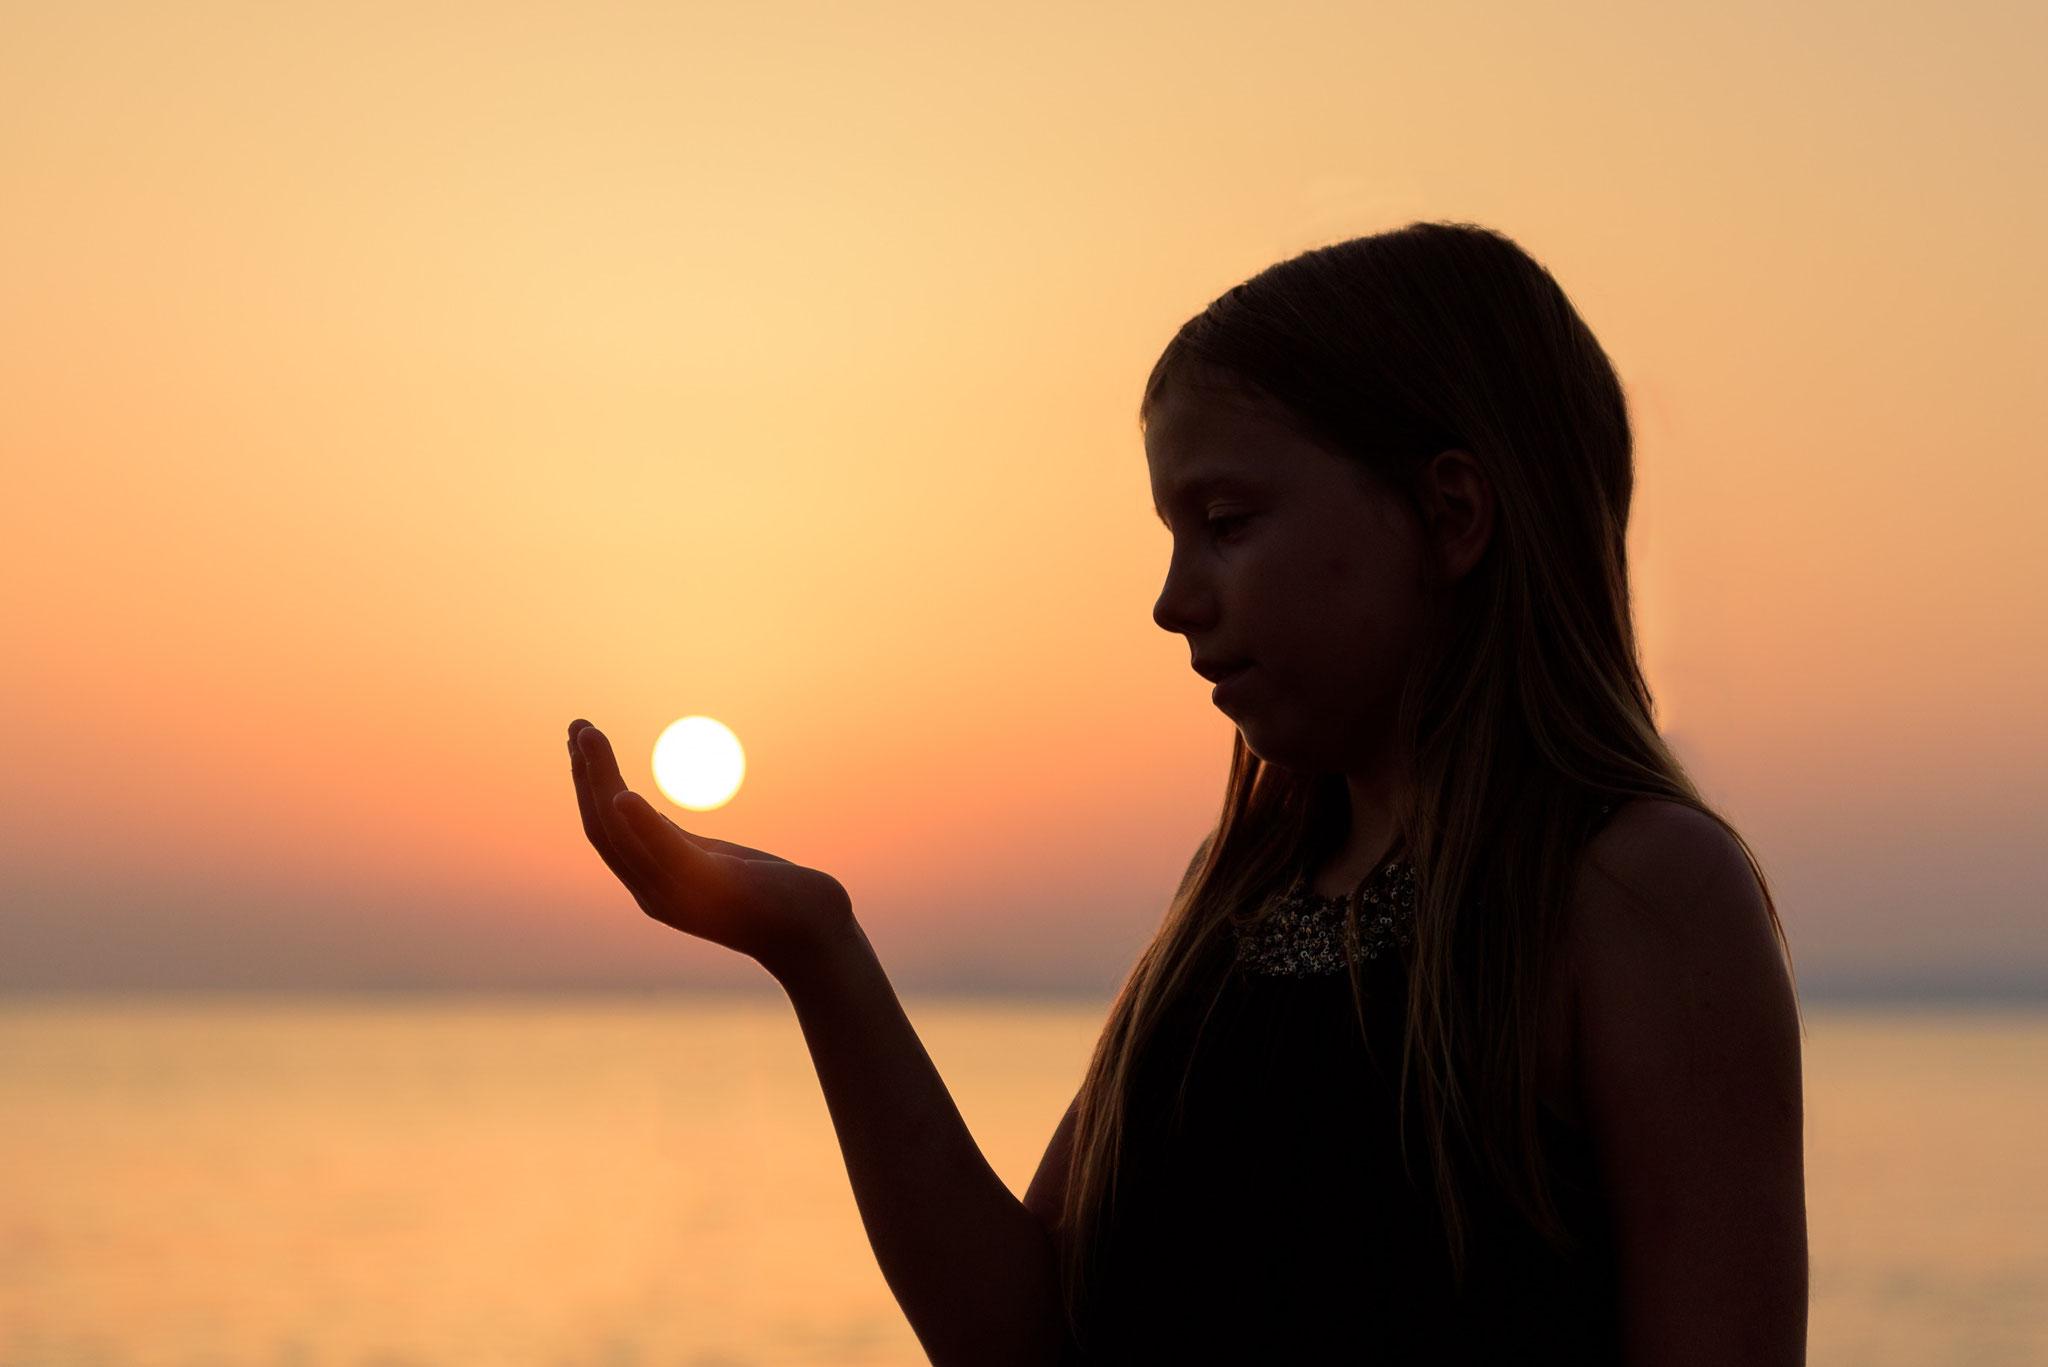 Râ, the God of Sun...